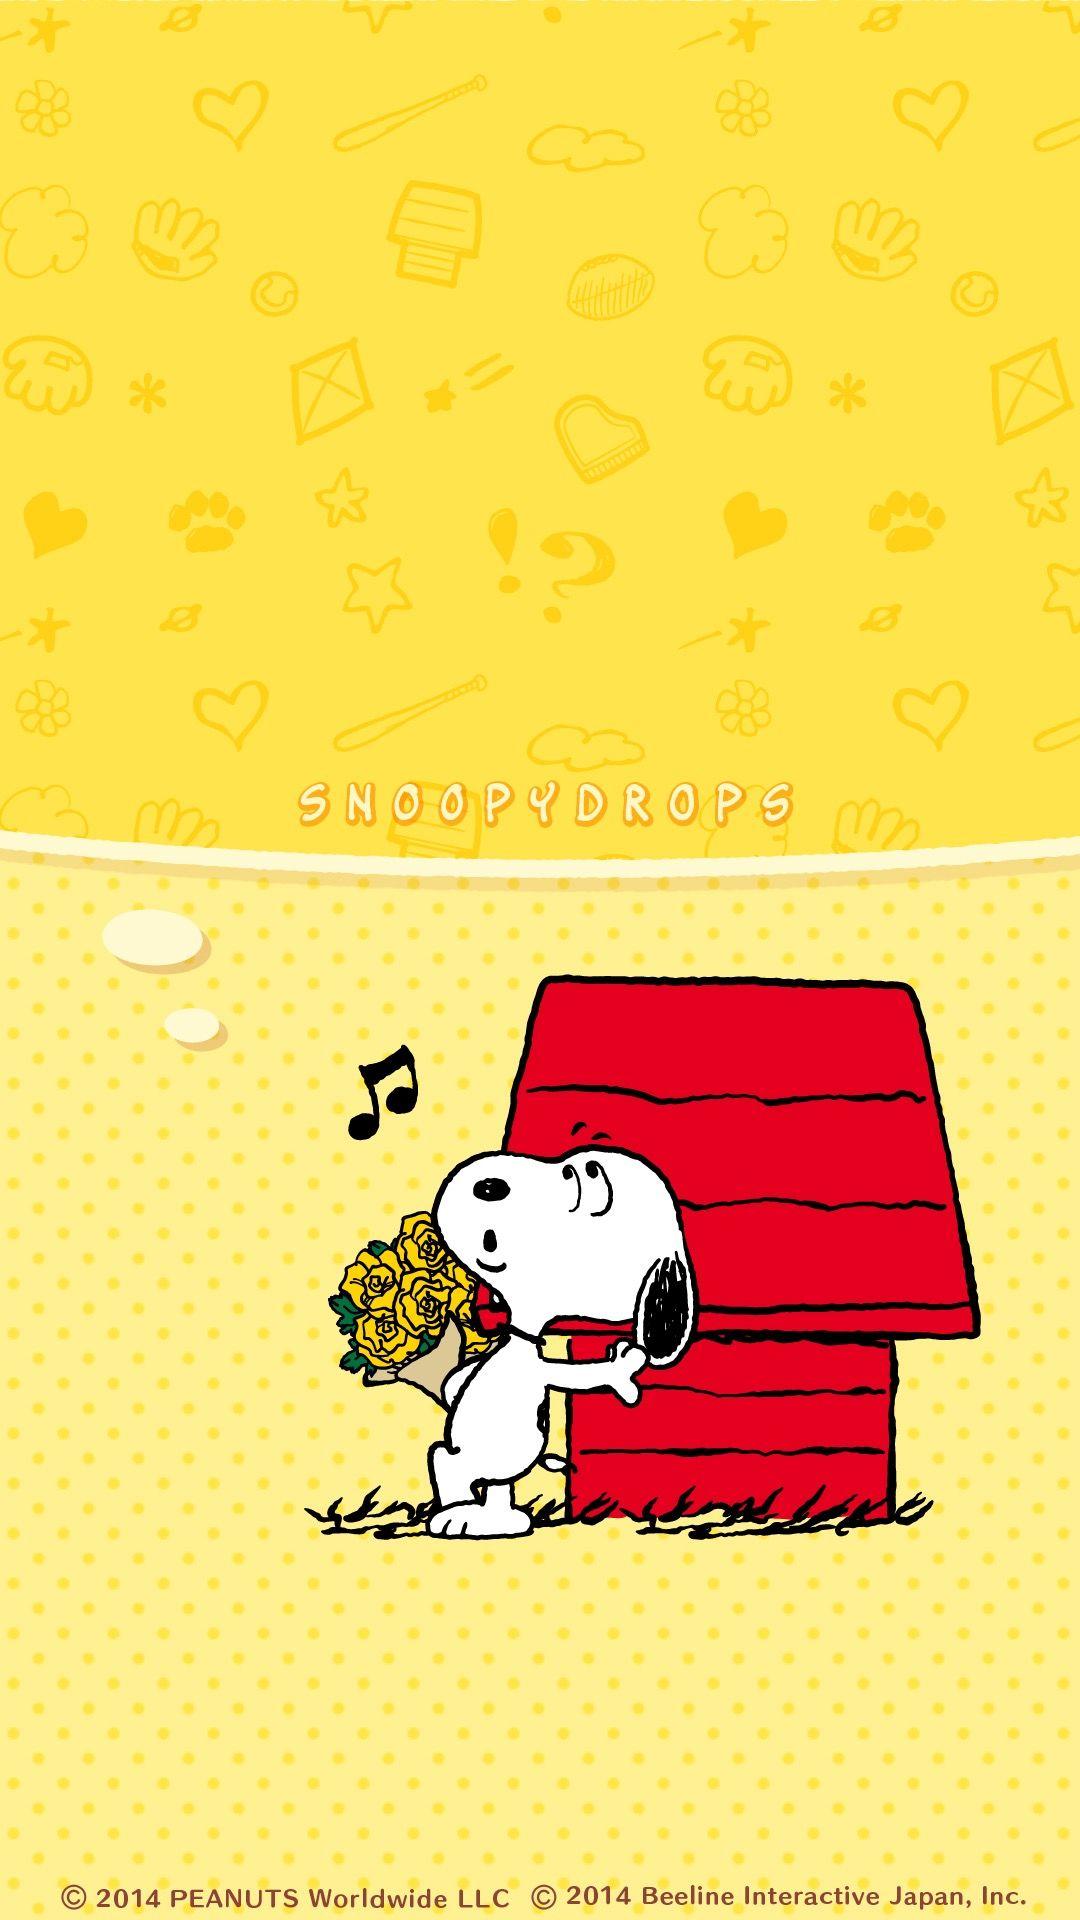 Snoopy スヌーピー 黄色いバラ スヌーピー イラスト スヌーピー